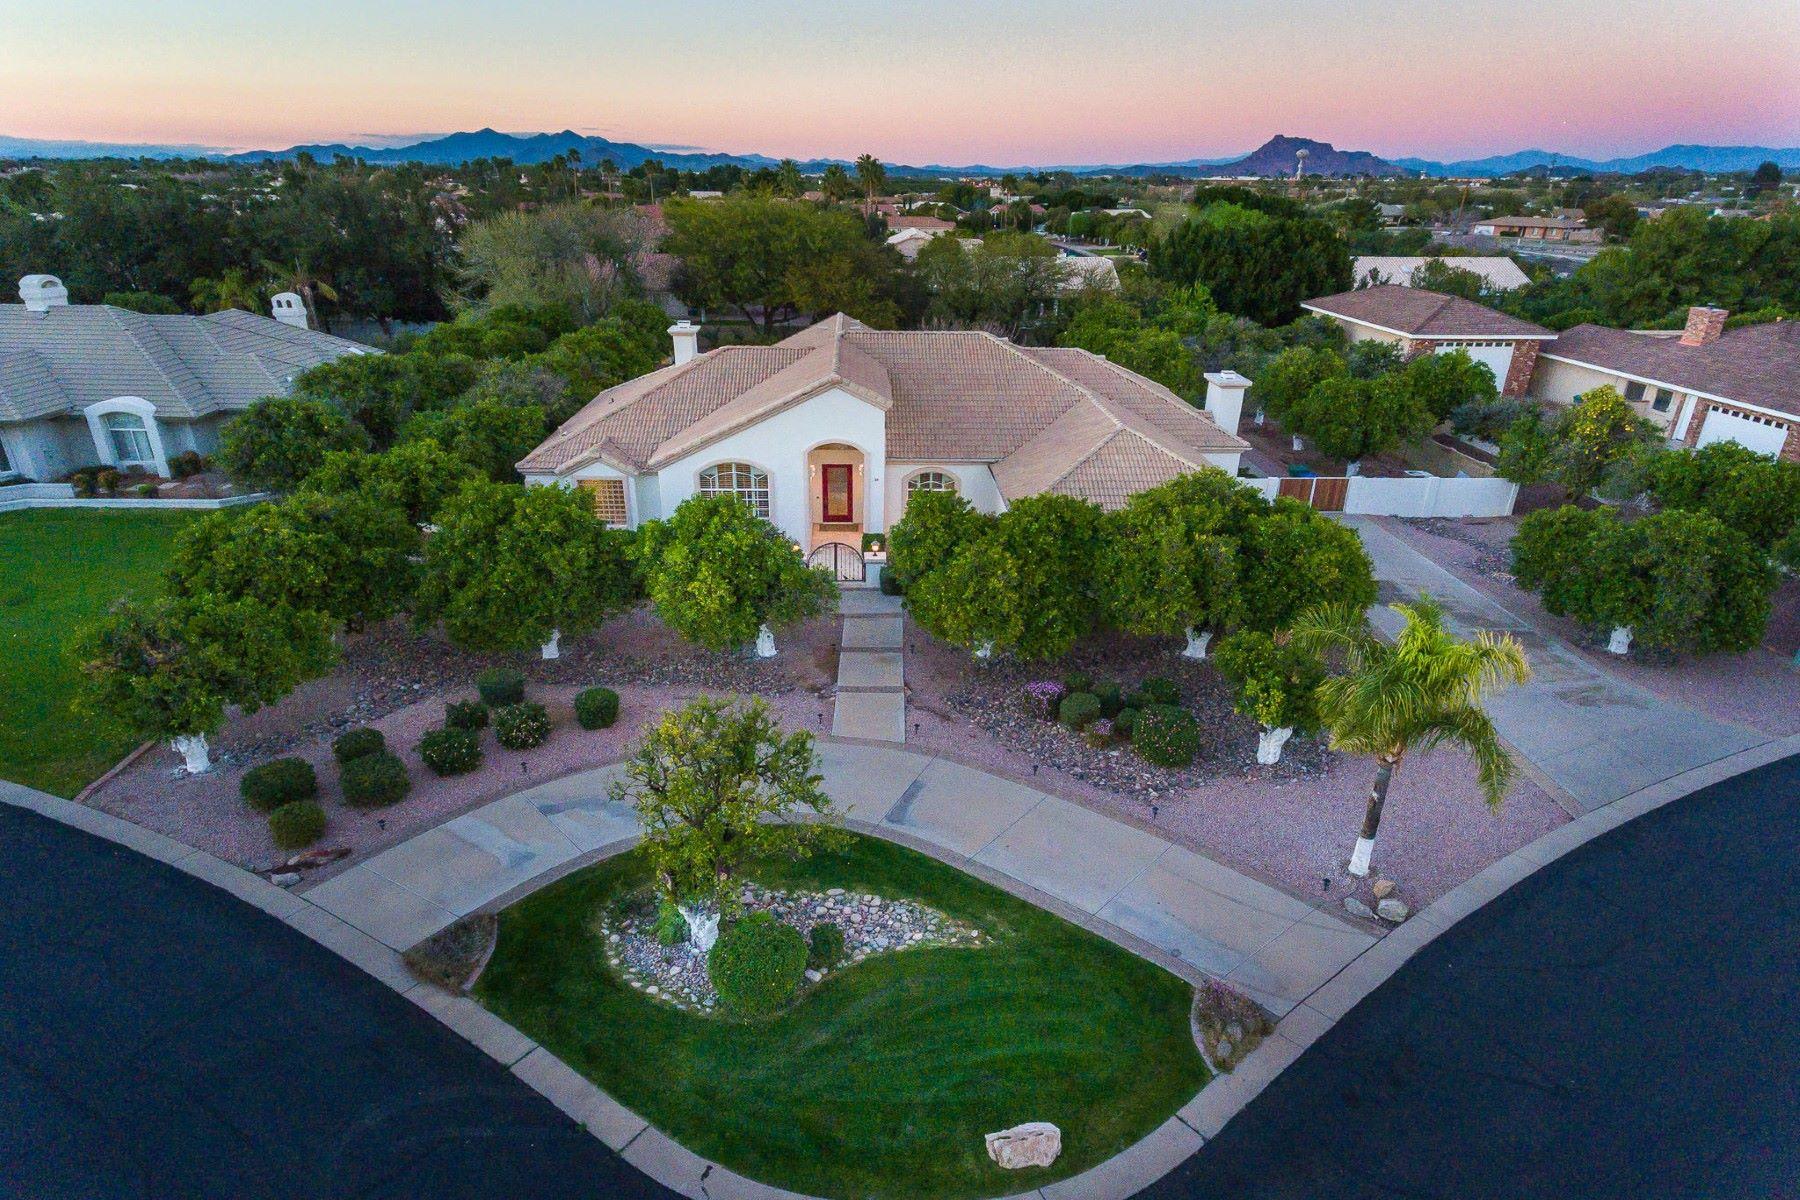 Casa Unifamiliar por un Venta en Stunning home in North Mesa's gated Community of Villa Sendero! 4222 E Brown Rd #24 Mesa, Arizona, 85205 Estados Unidos